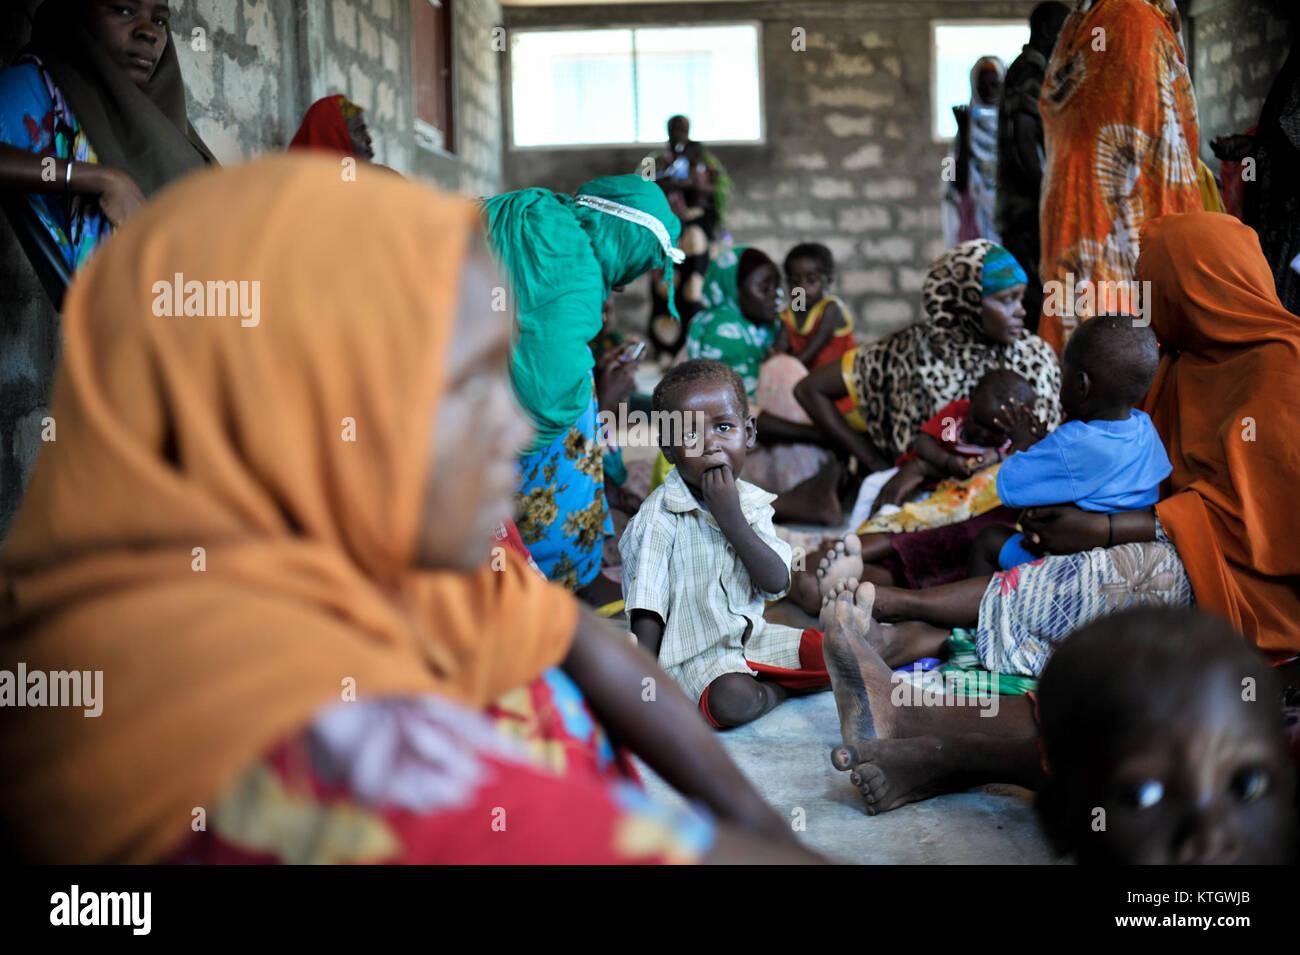 An einer Klinik an Jazeera Trainingslager am 6. April, Patienten kommen auf eine freie medizinische Klinik, um die Stockbild